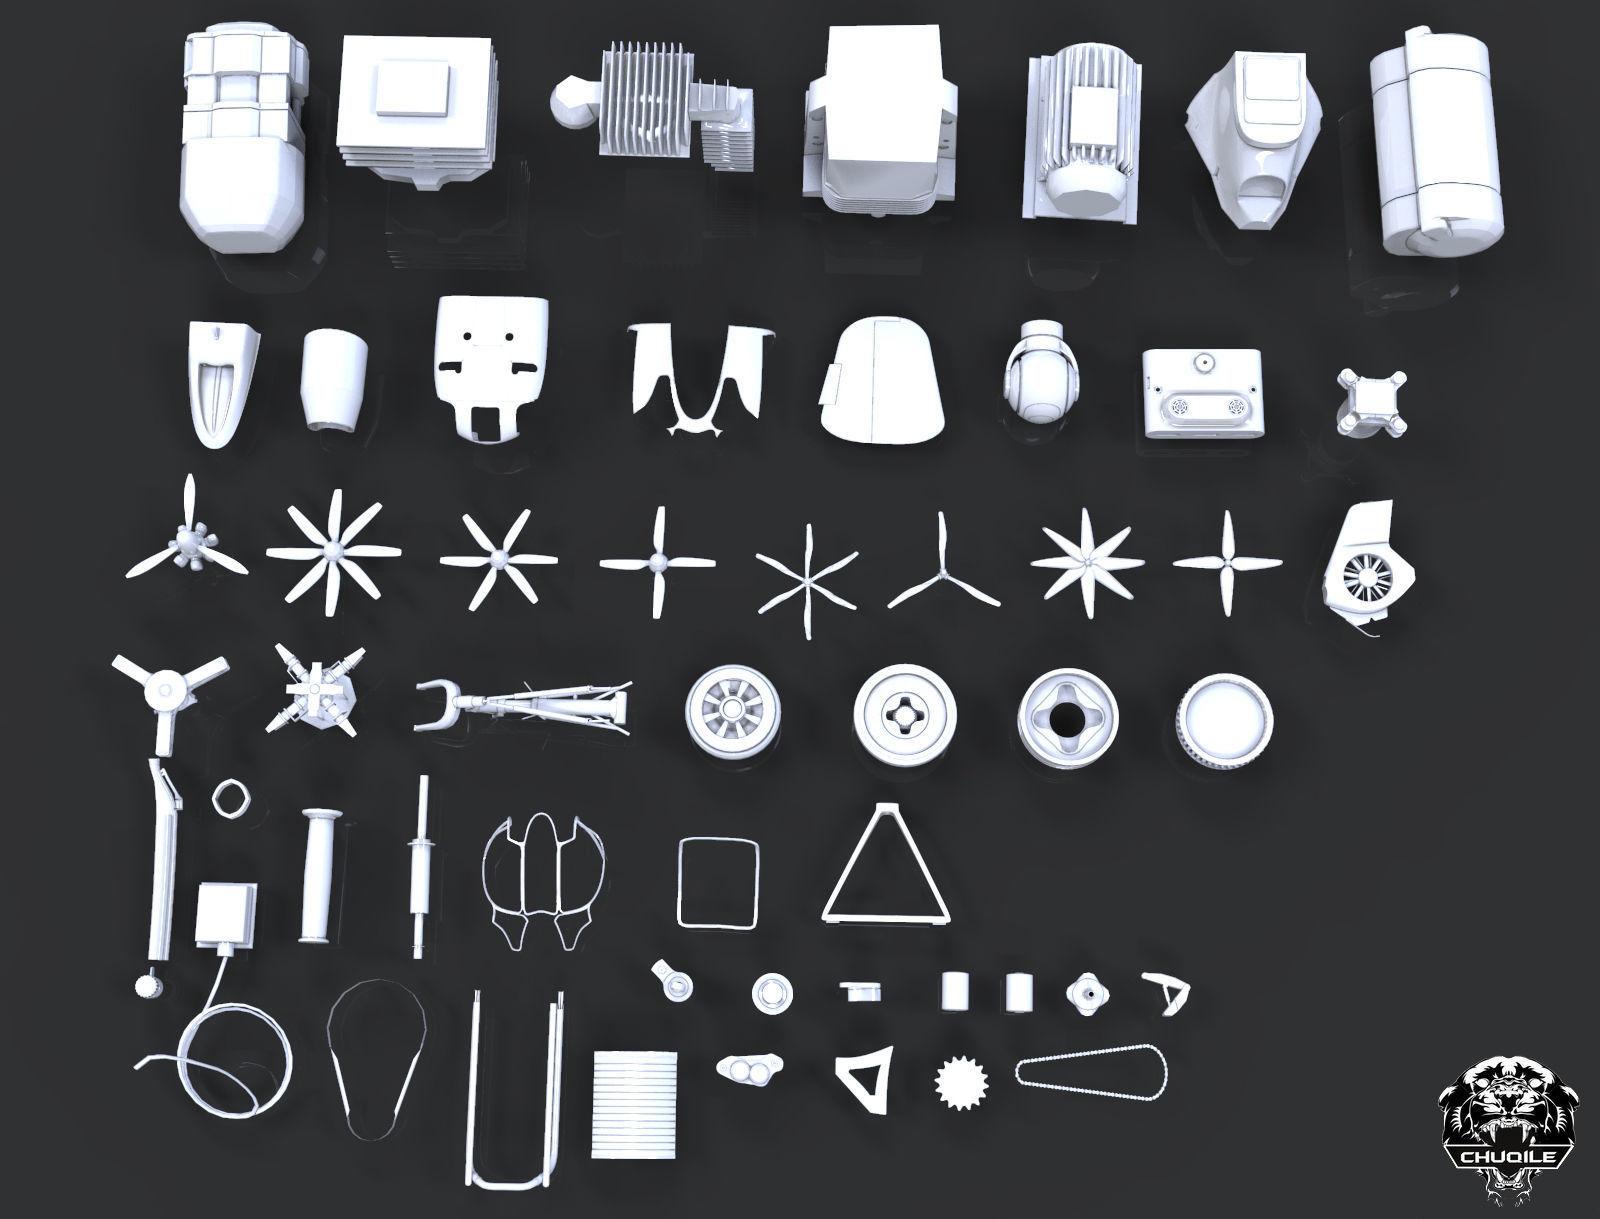 Industrial - Kitbash | 3D model